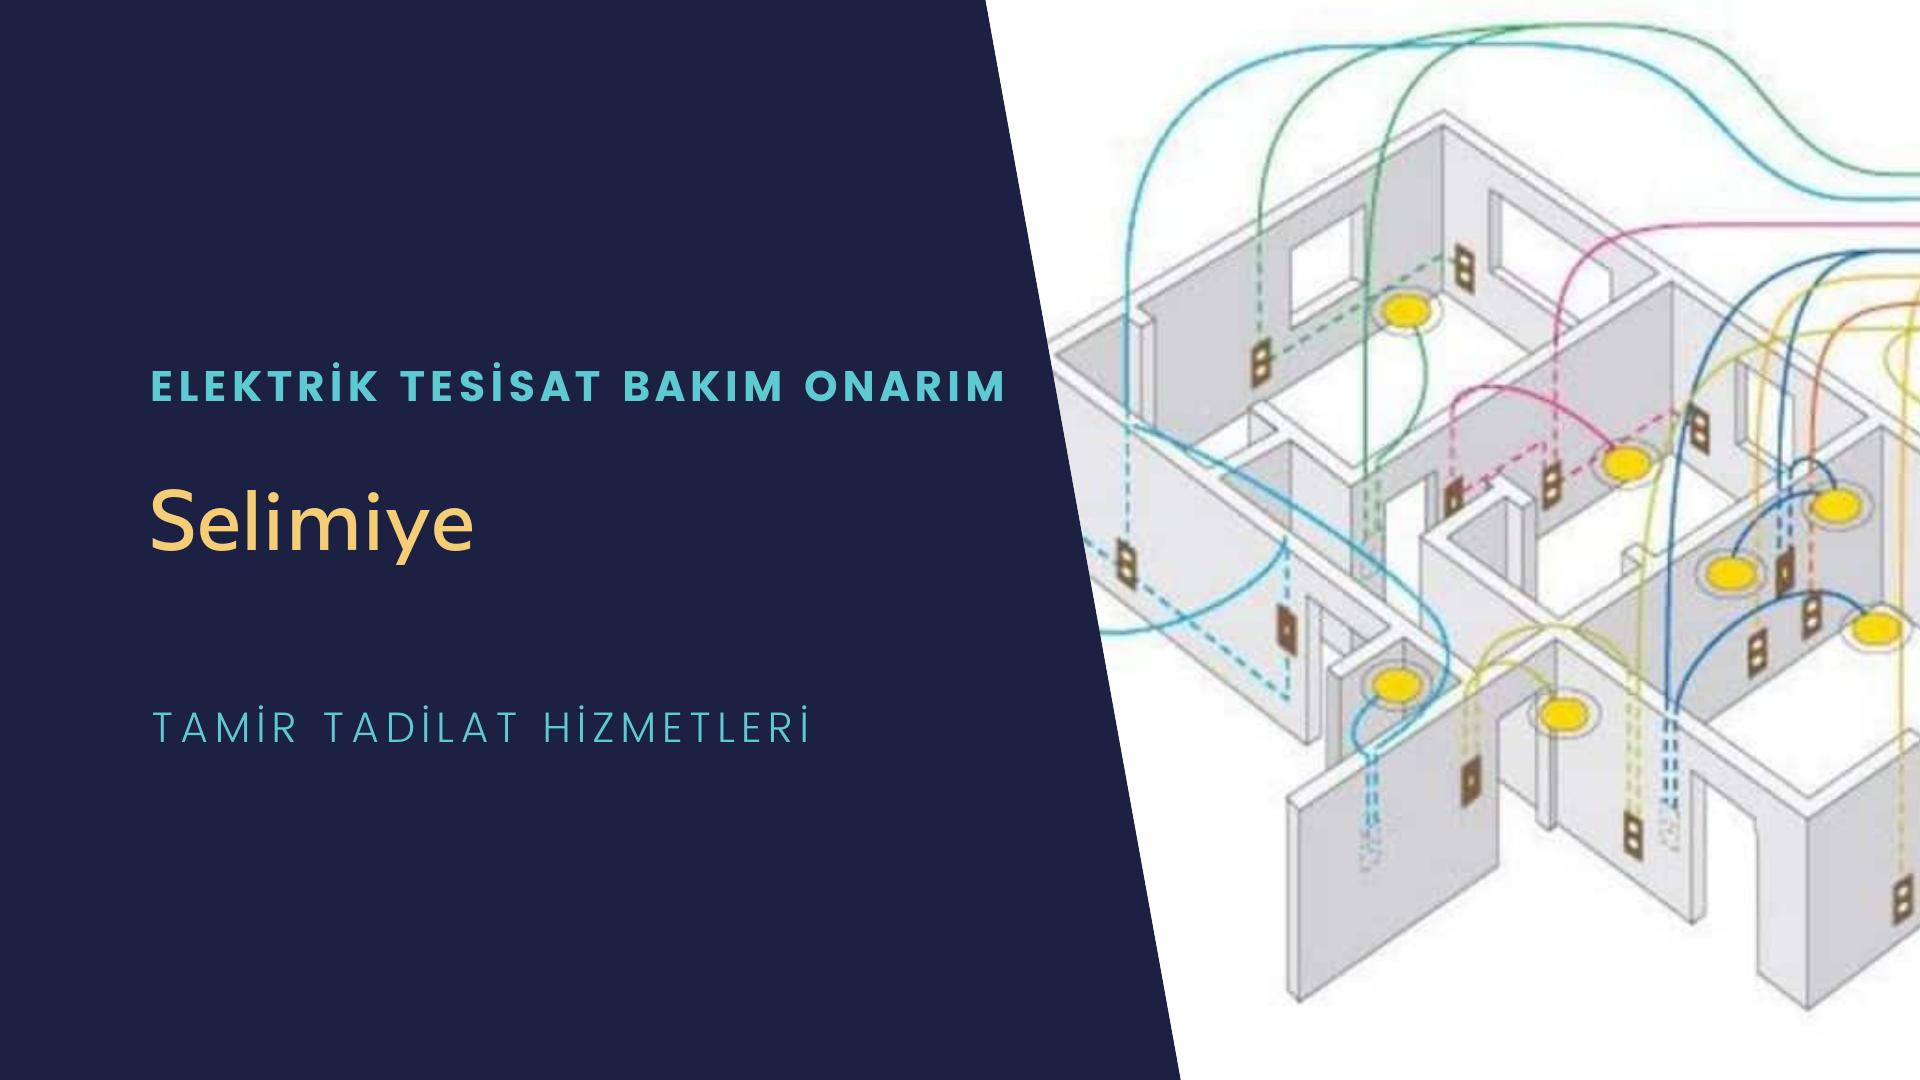 Selimiye   elektrik tesisatıustalarımı arıyorsunuz doğru adrestenizi Selimiye  elektrik tesisatı ustalarımız 7/24 sizlere hizmet vermekten mutluluk duyar.